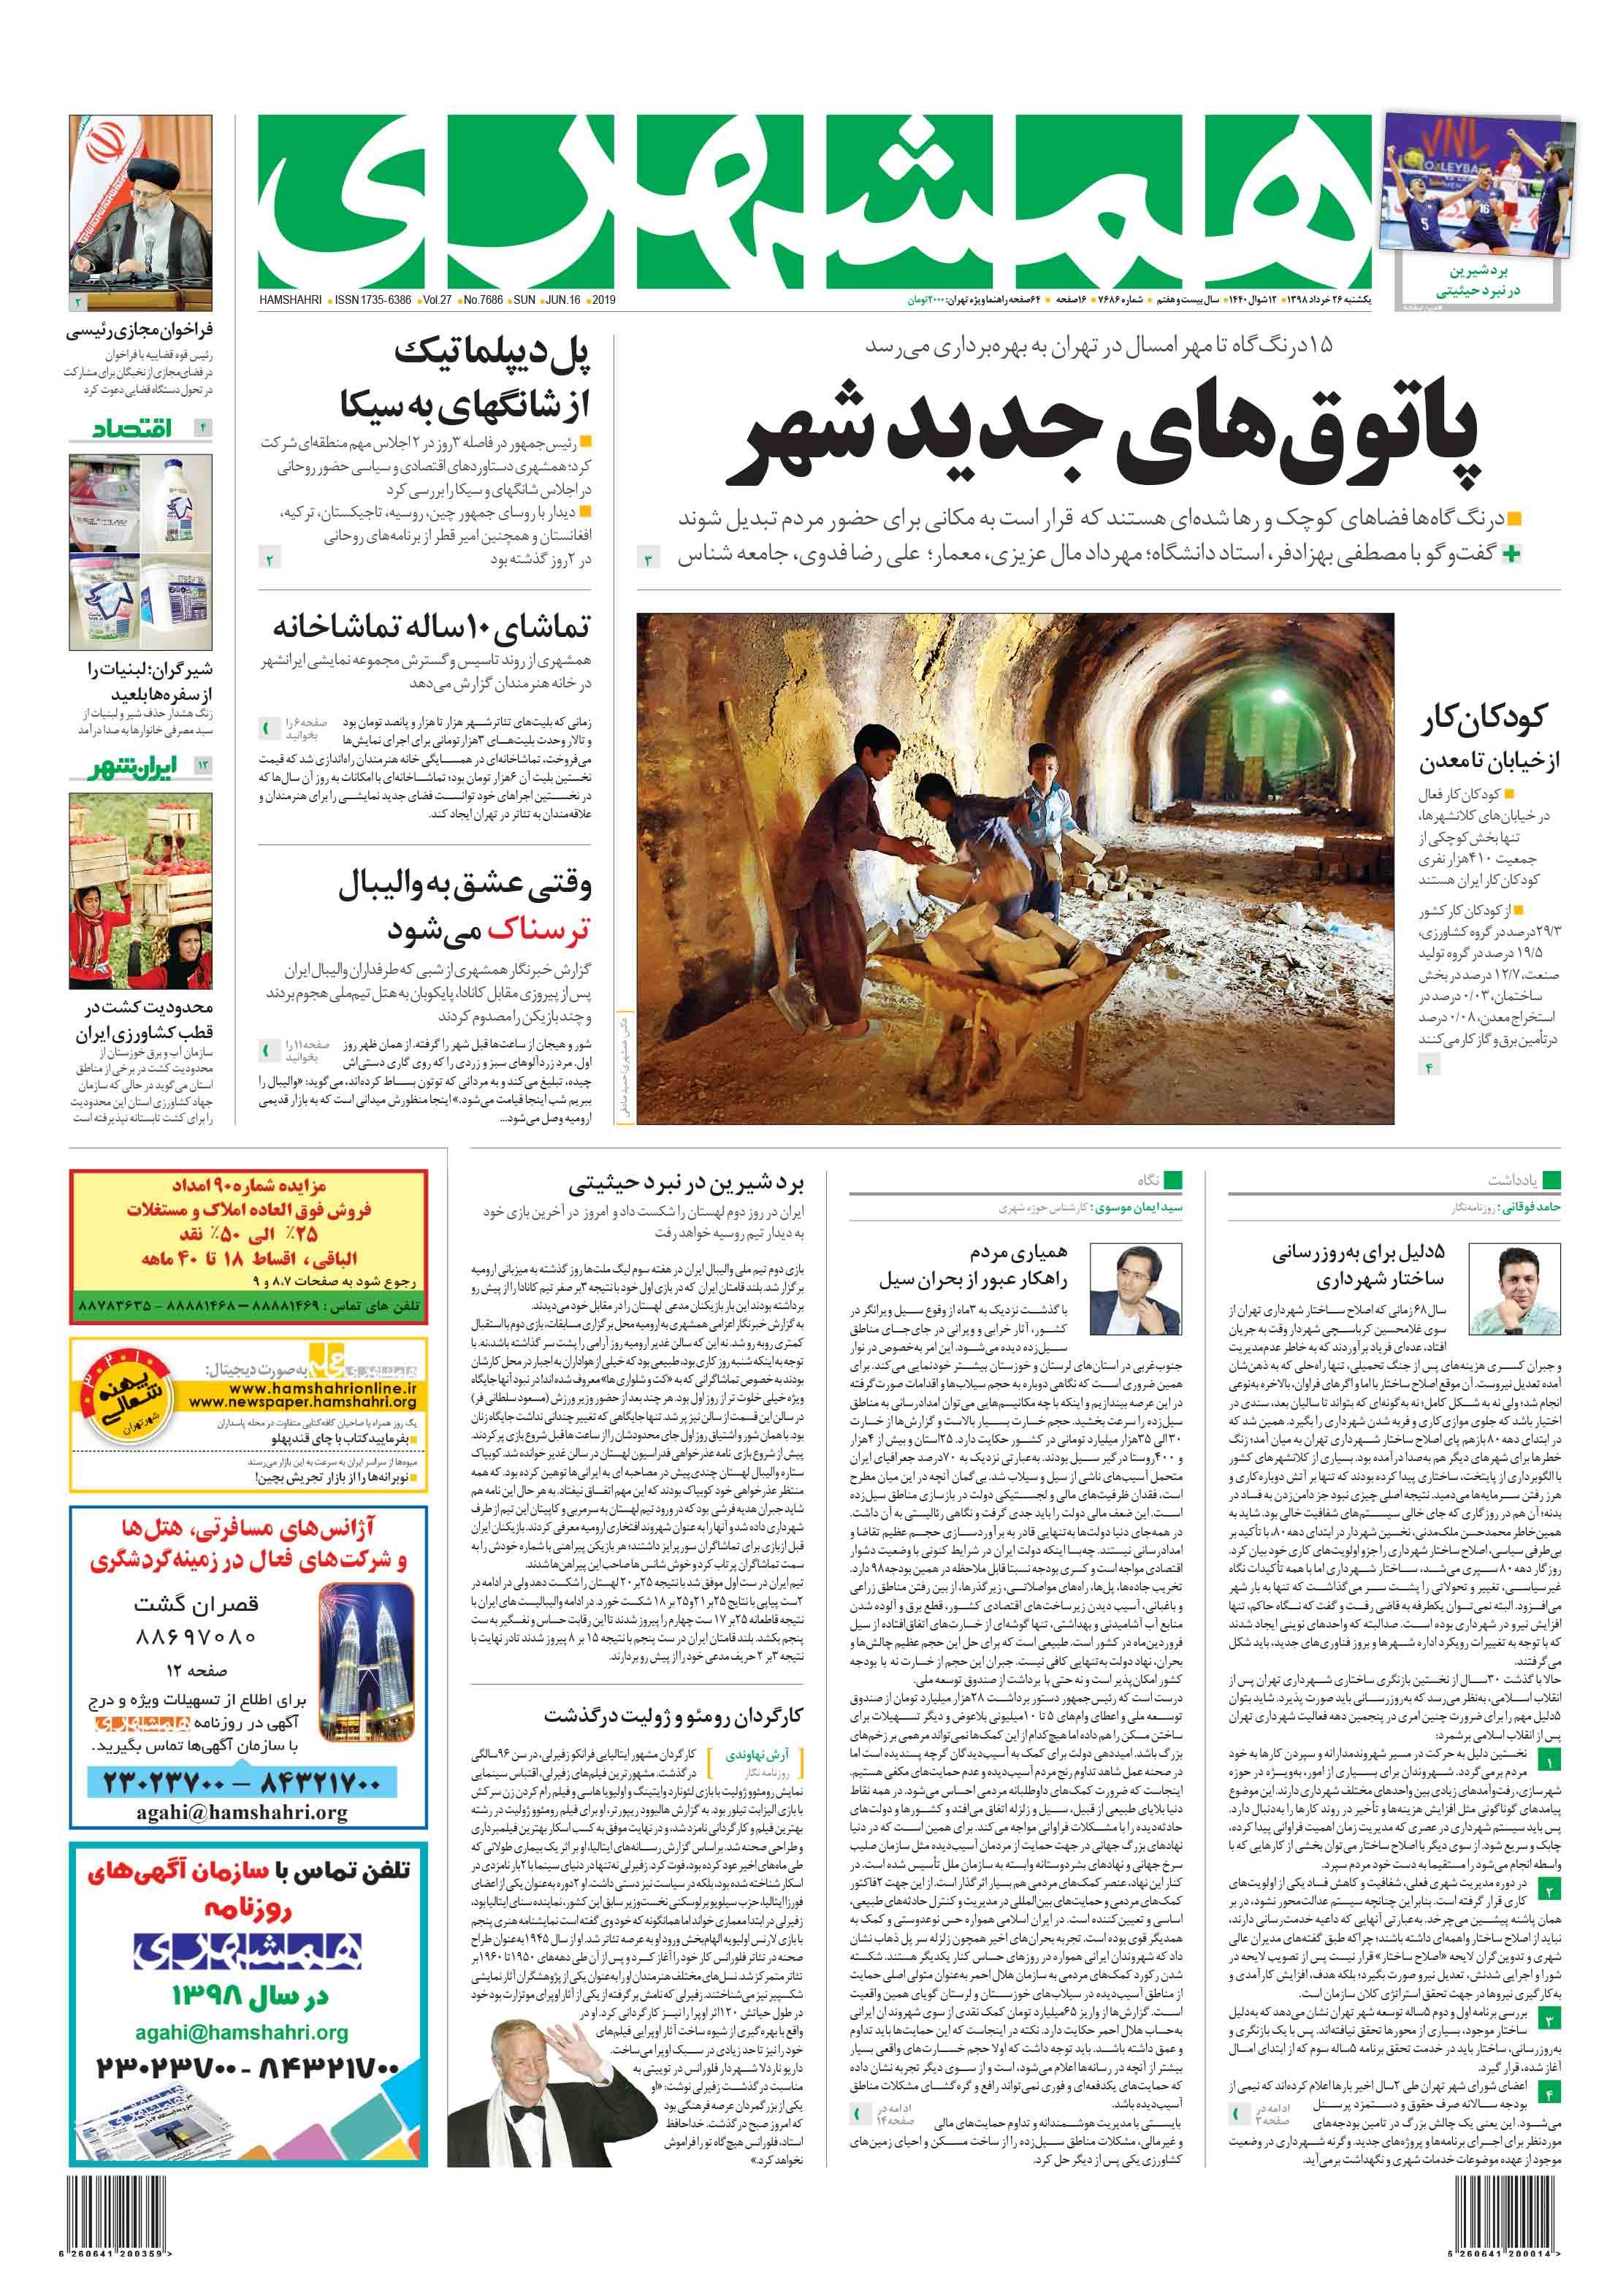 صفحه اول یکشنبه 26 خرداد 1398